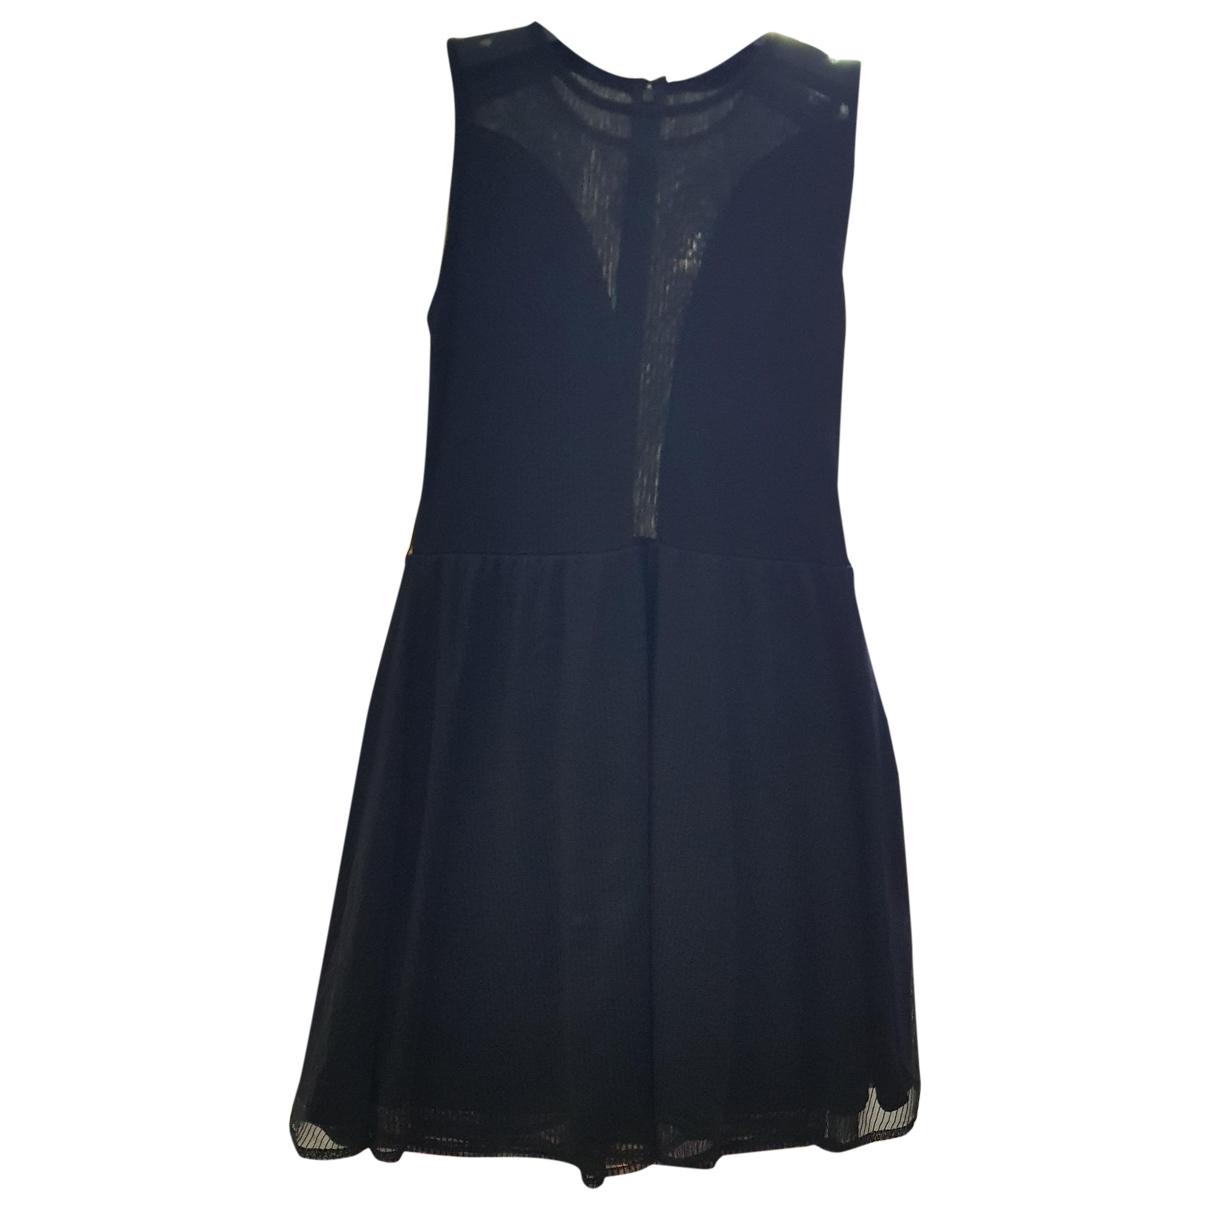 For Love & Lemons \N Black dress for Women M International